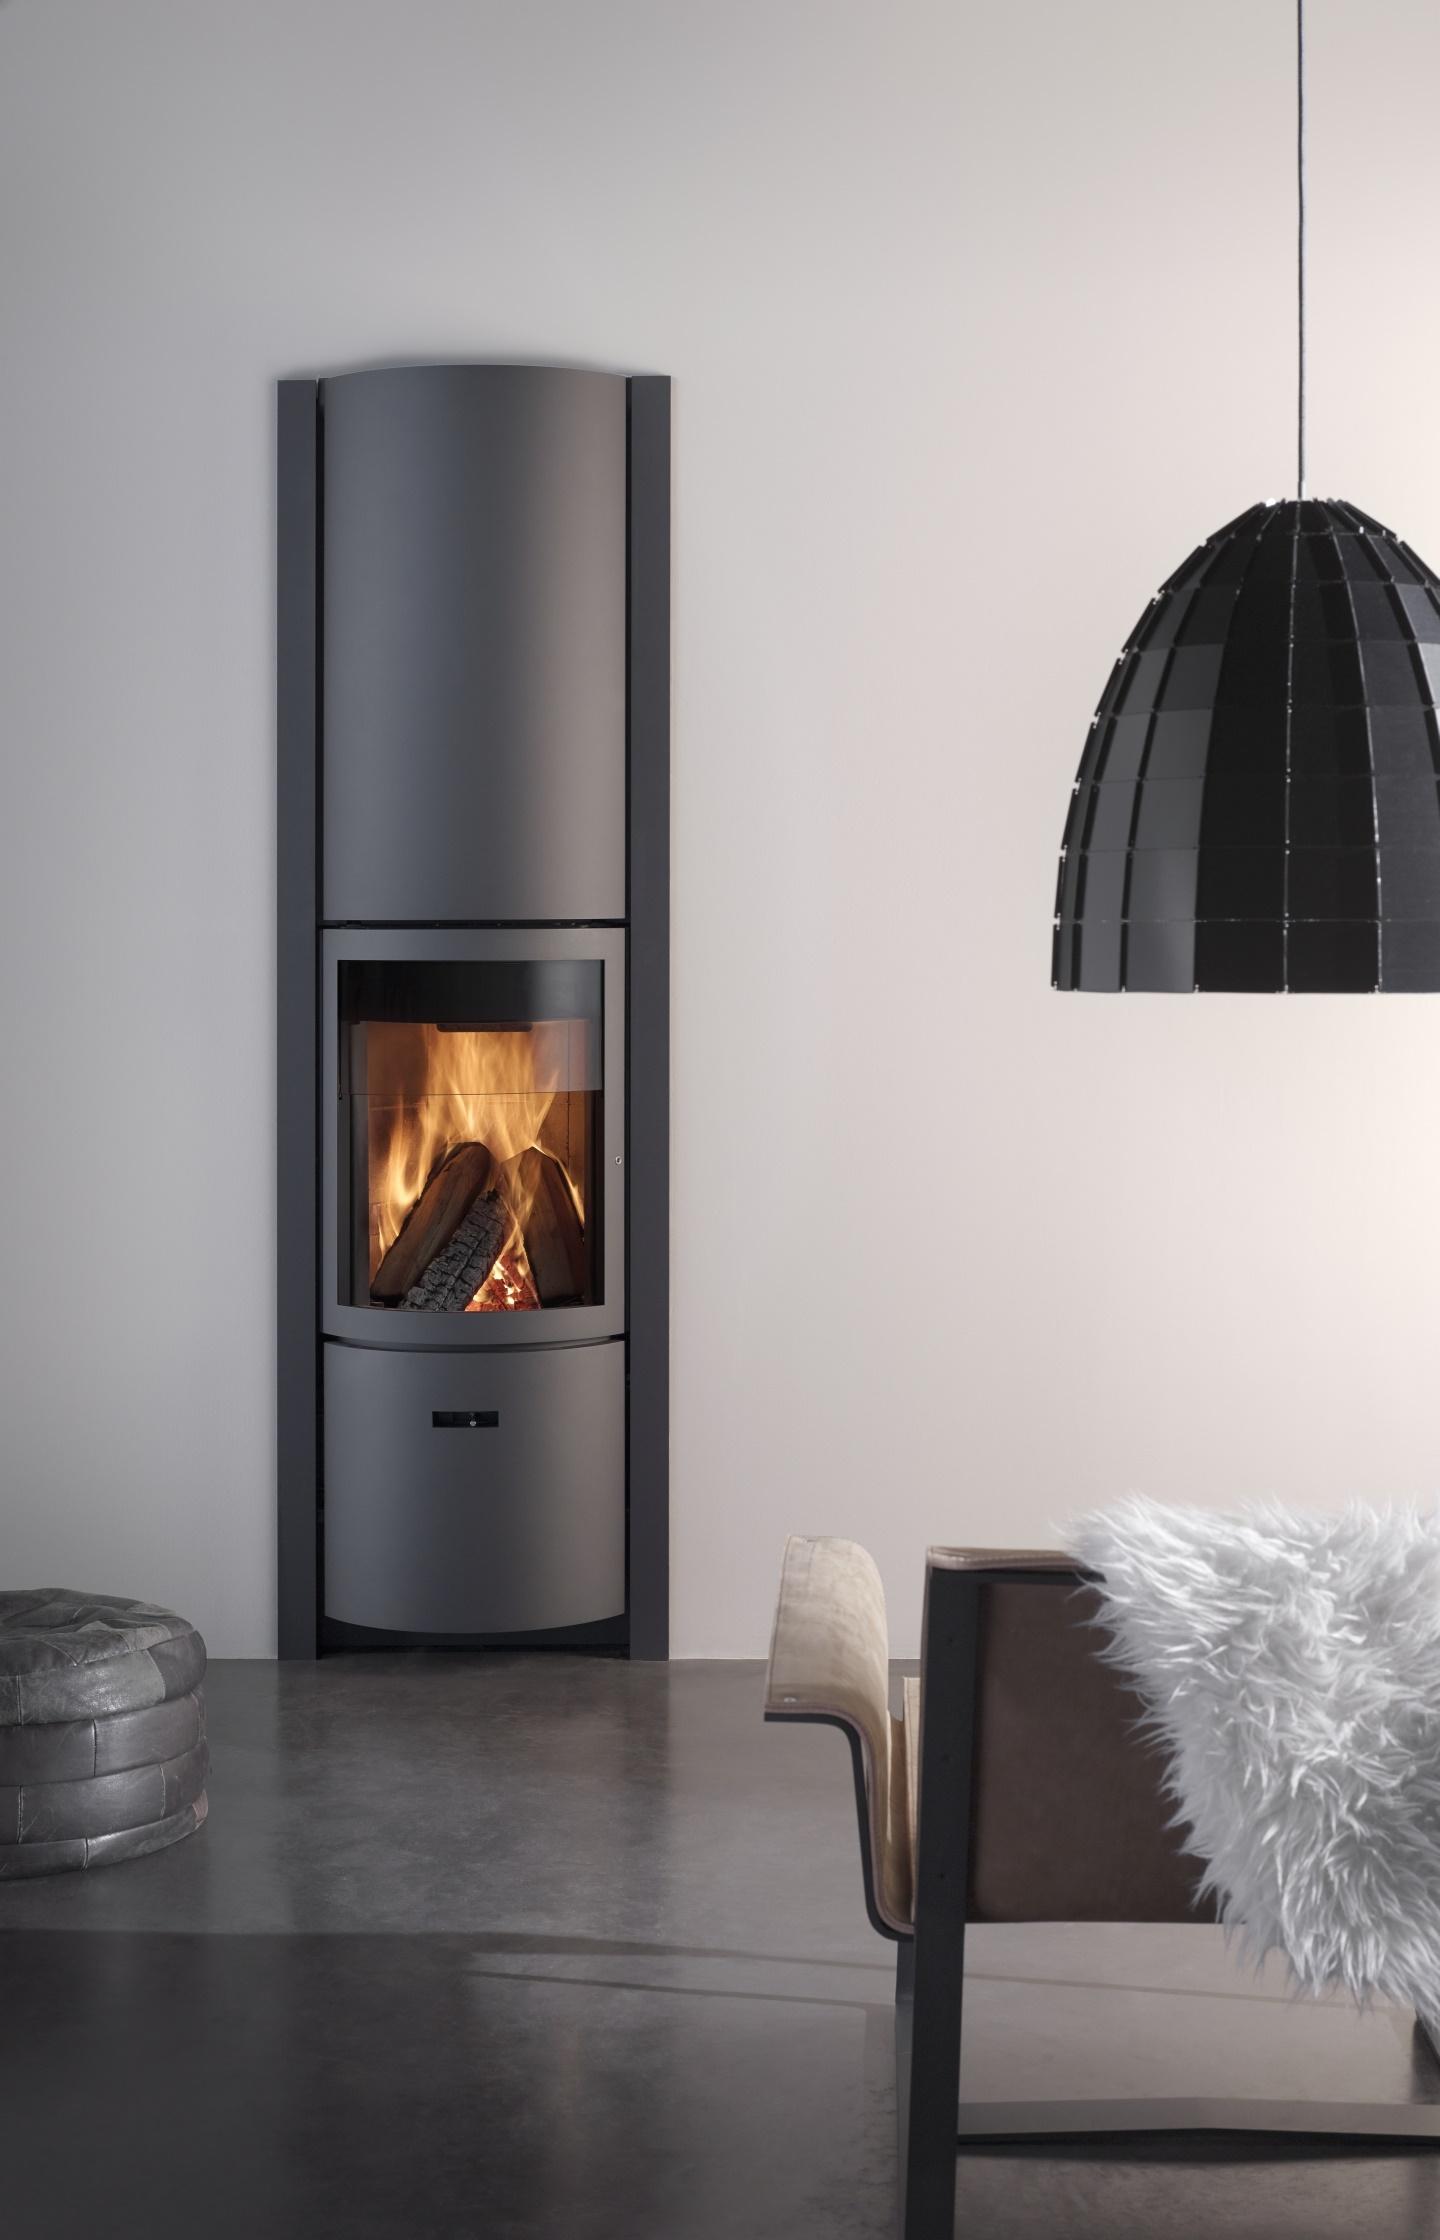 st v 30 bijzonder veelzijdige houtkachels nieuws startpagina voor haarden en kachels idee n. Black Bedroom Furniture Sets. Home Design Ideas